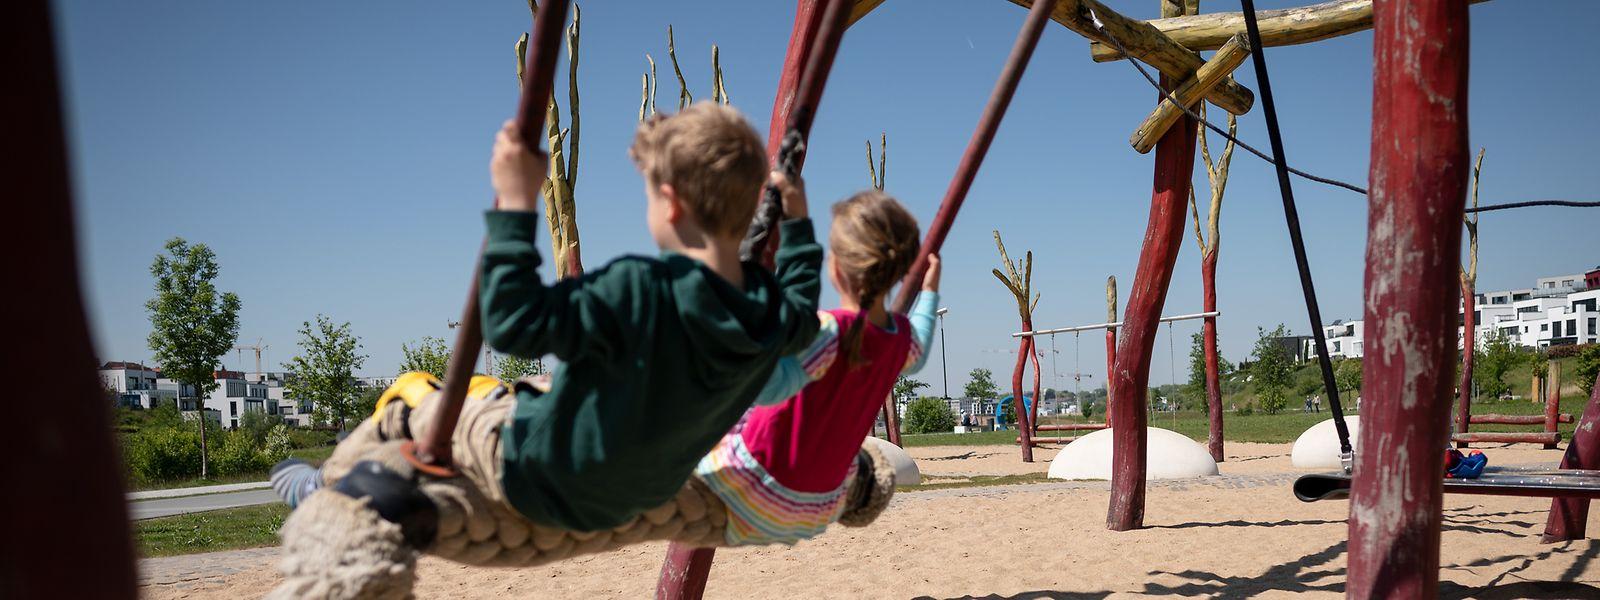 Den Kindern beim Schaukeln zuzusehen, ist vielleicht nicht spannend, aber fördert die Bindung.